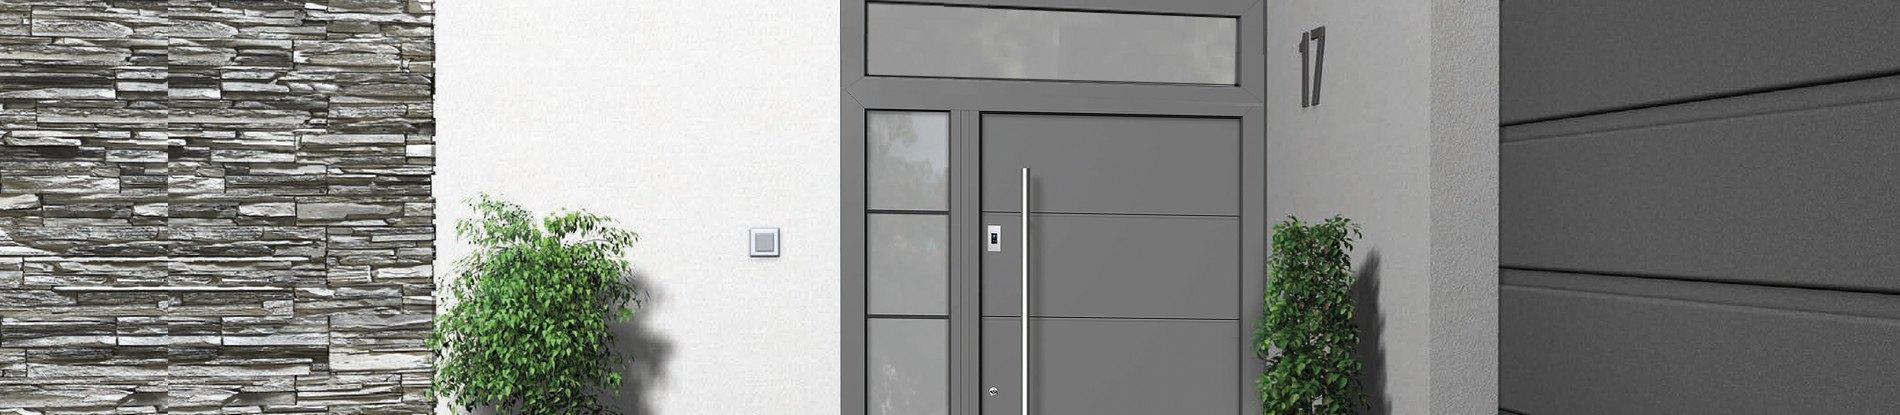 haust r mit oberlicht preise kosten ermitteln. Black Bedroom Furniture Sets. Home Design Ideas